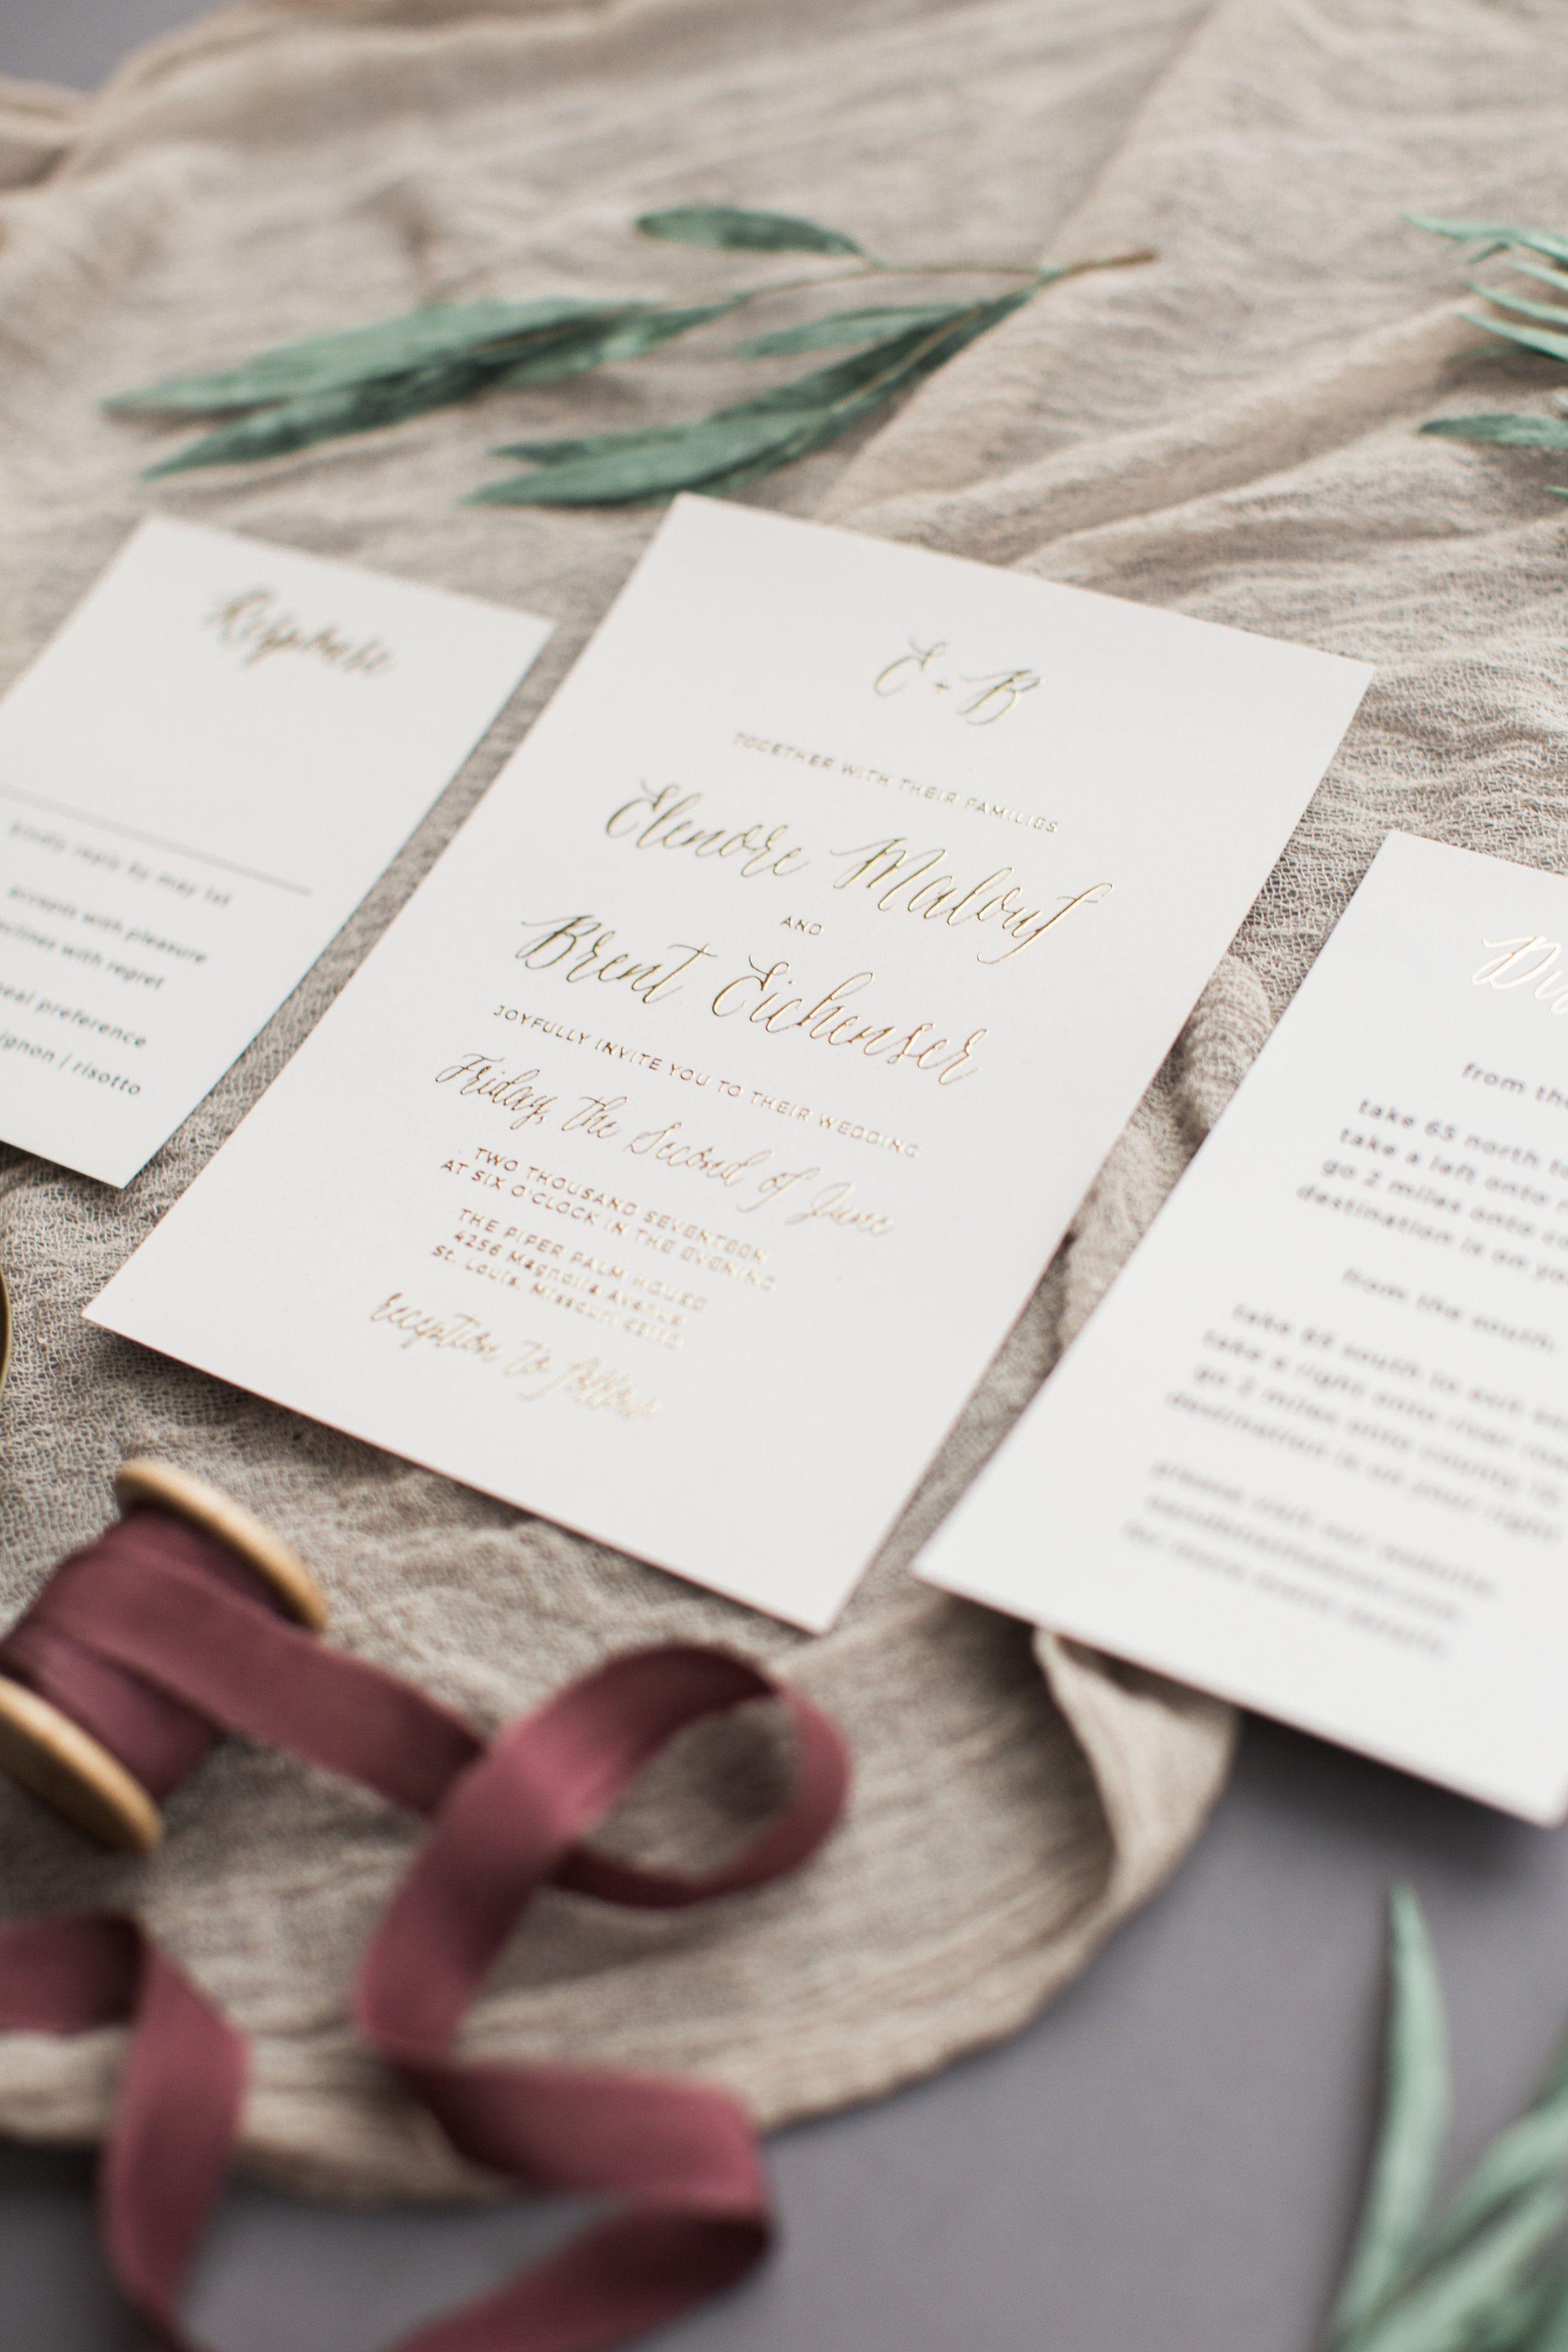 Basic Invite Invitation Suites | Invitation suite, Photo wedding ...